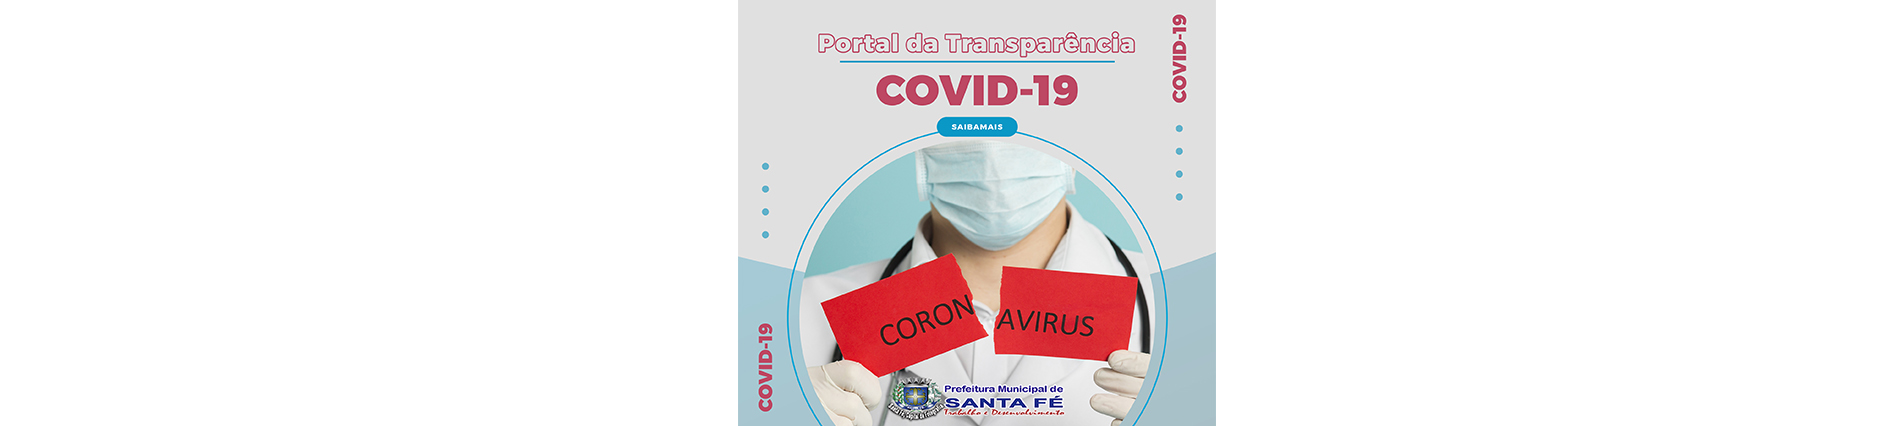 TRANSPARÊNCIA COVID